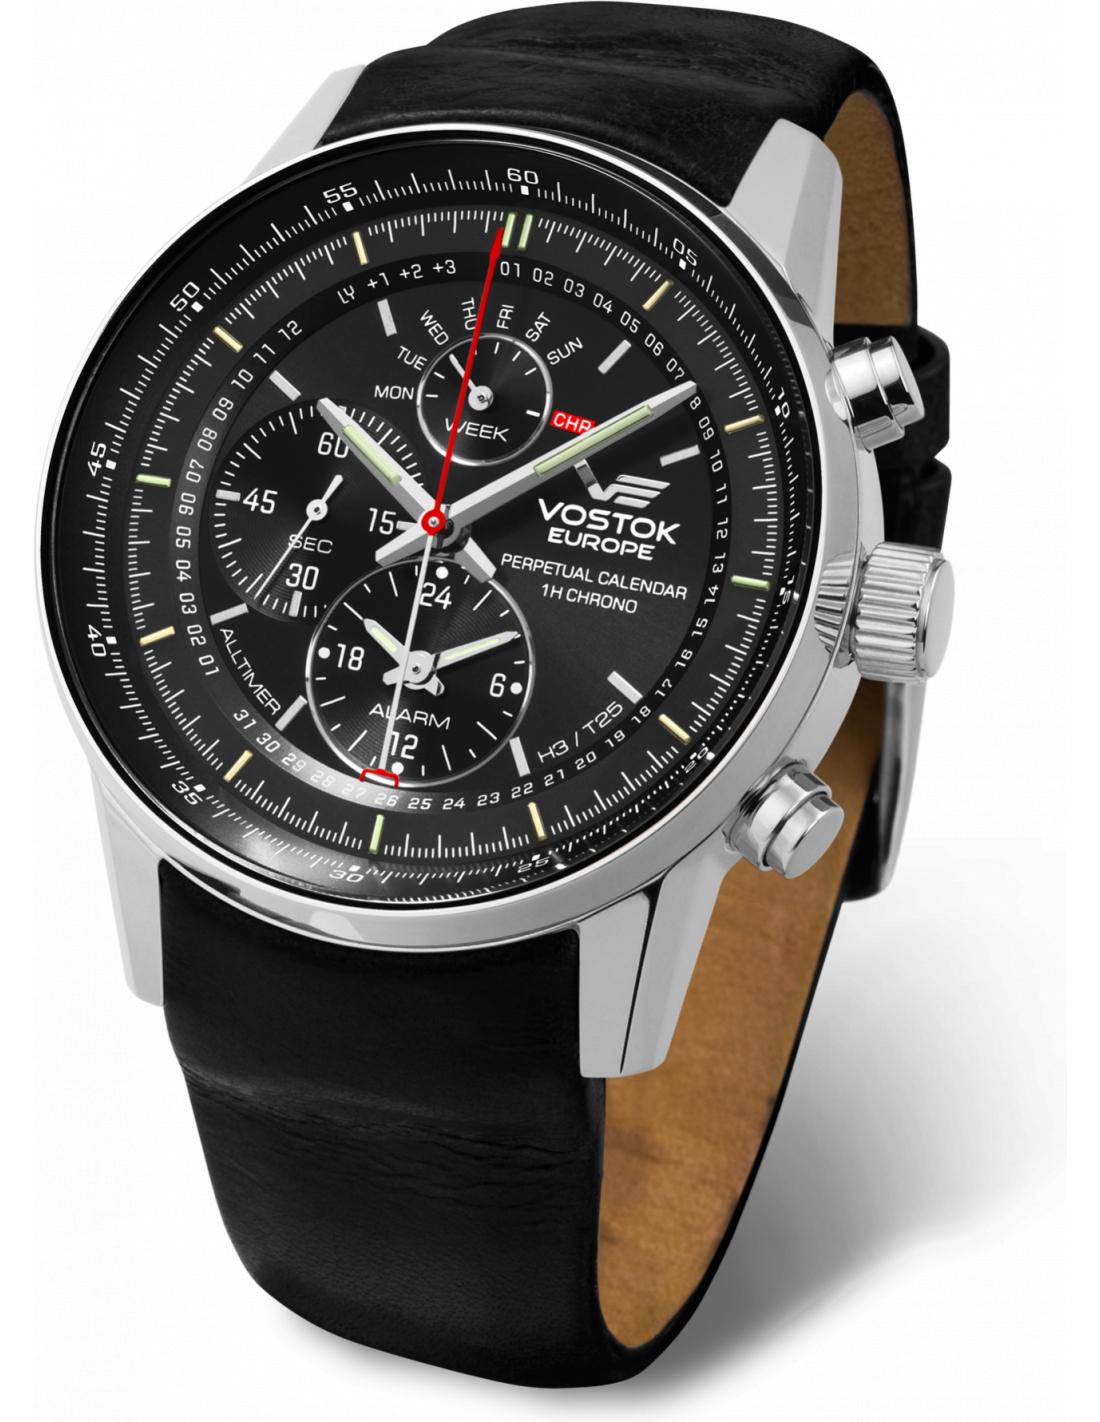 Vostok europe ym86 565a287 gaz 14 all timer watch for Vostok europe watches